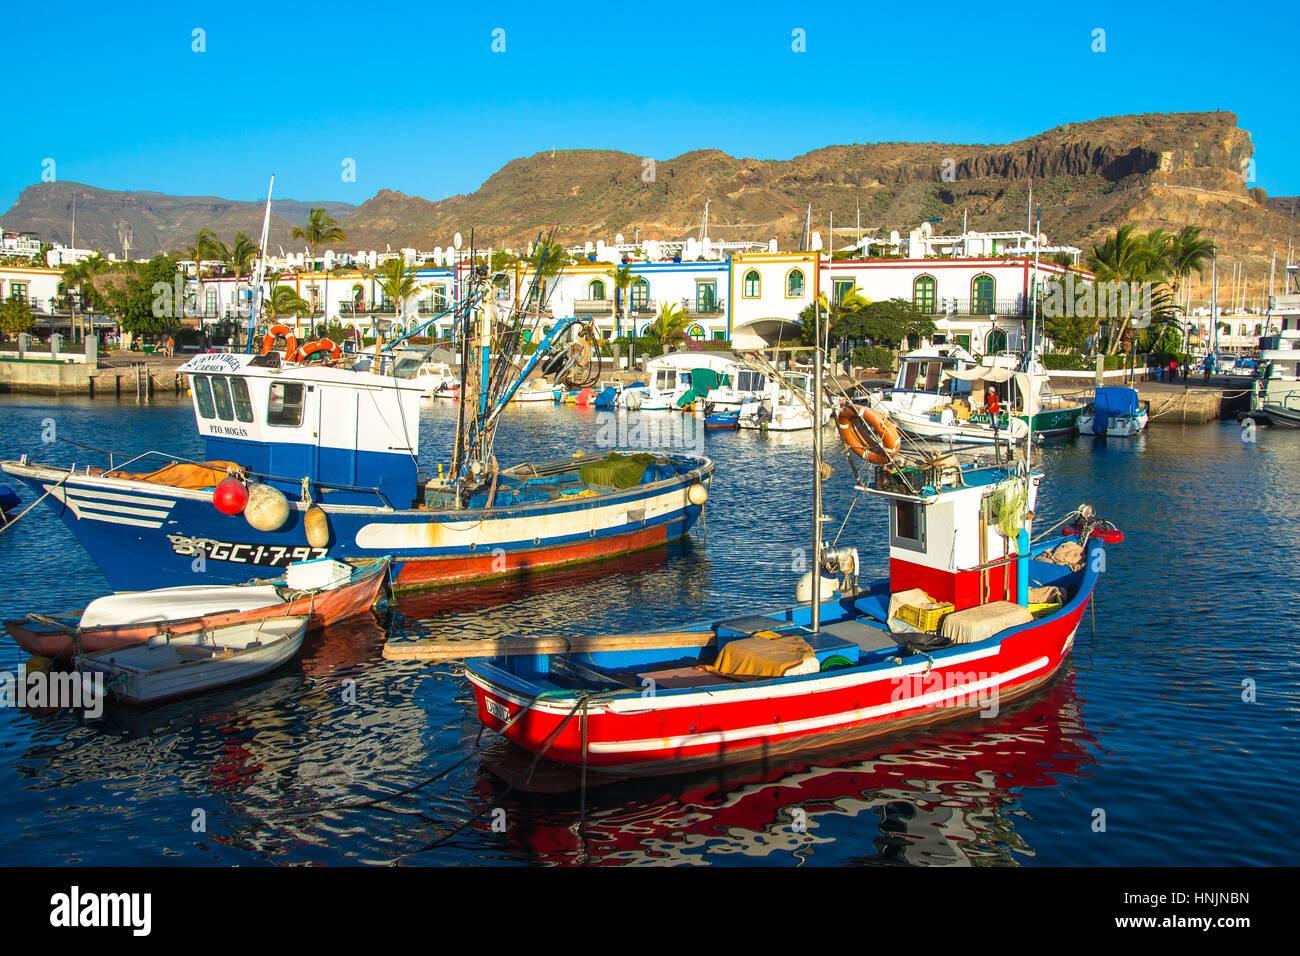 Hafen von Puerto de Mogan, Gran Canaria, Spanien Stockbild